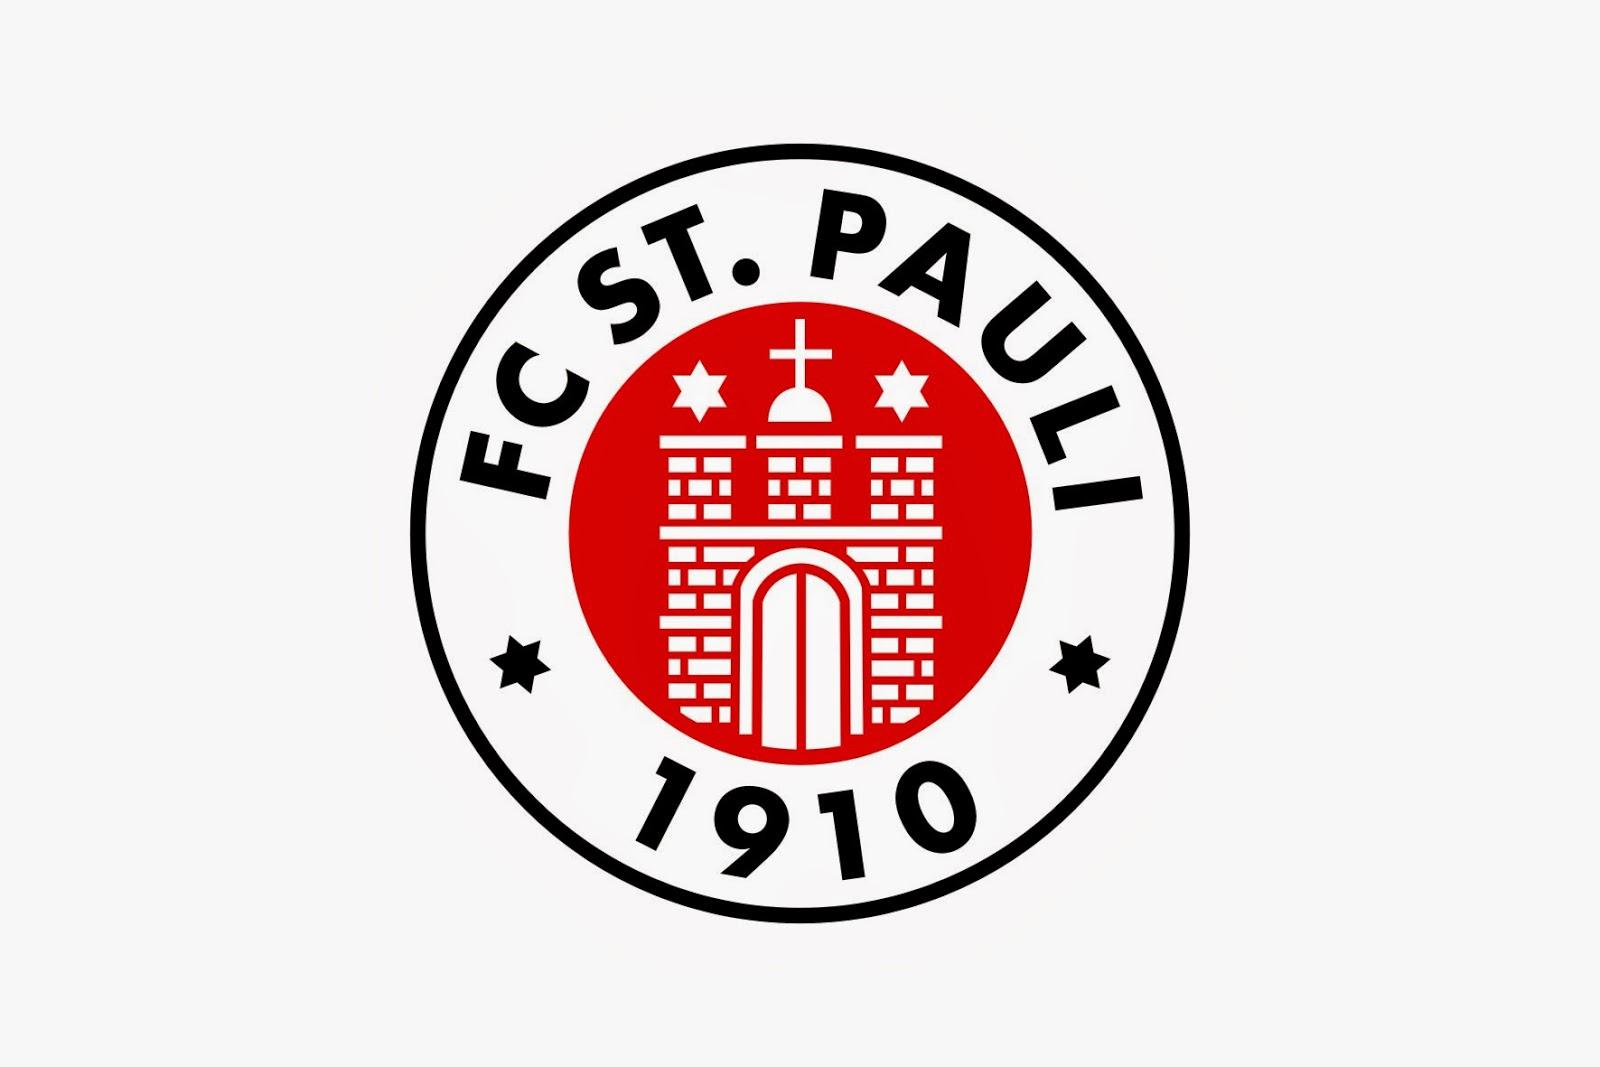 Football Logos Company